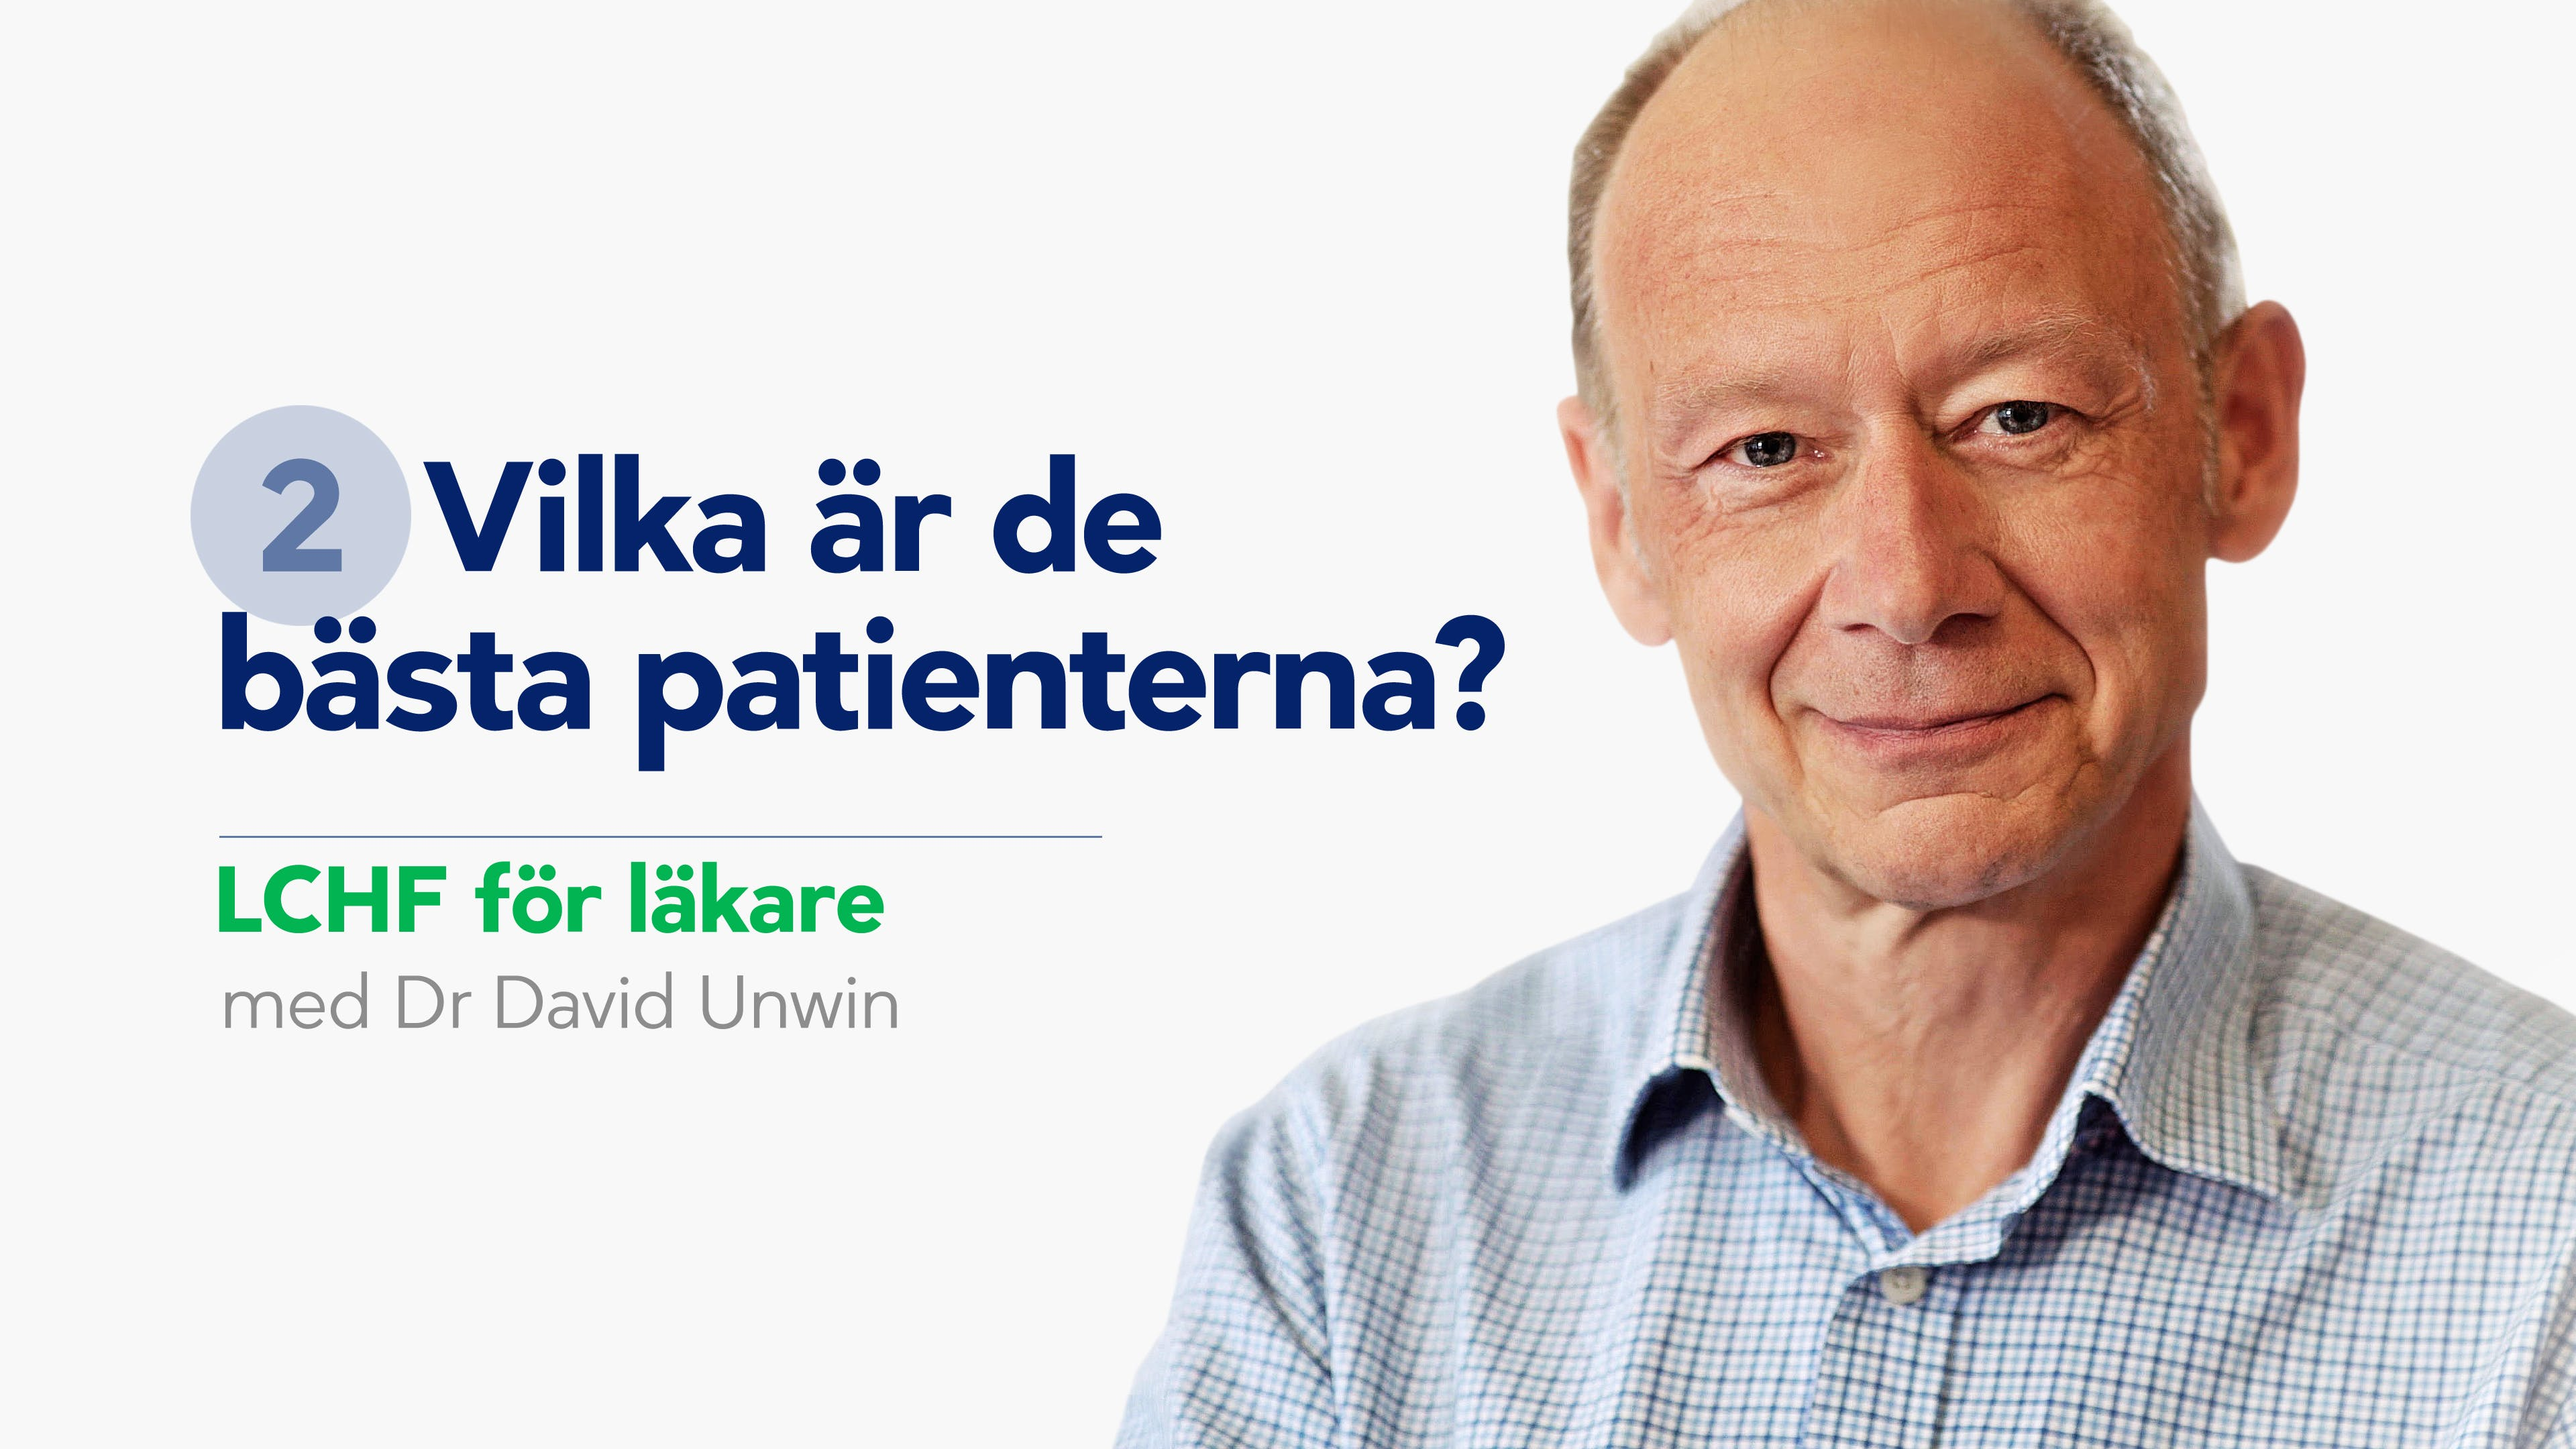 Vilka är de bästa patienterna? LCHF för läkare, del 2